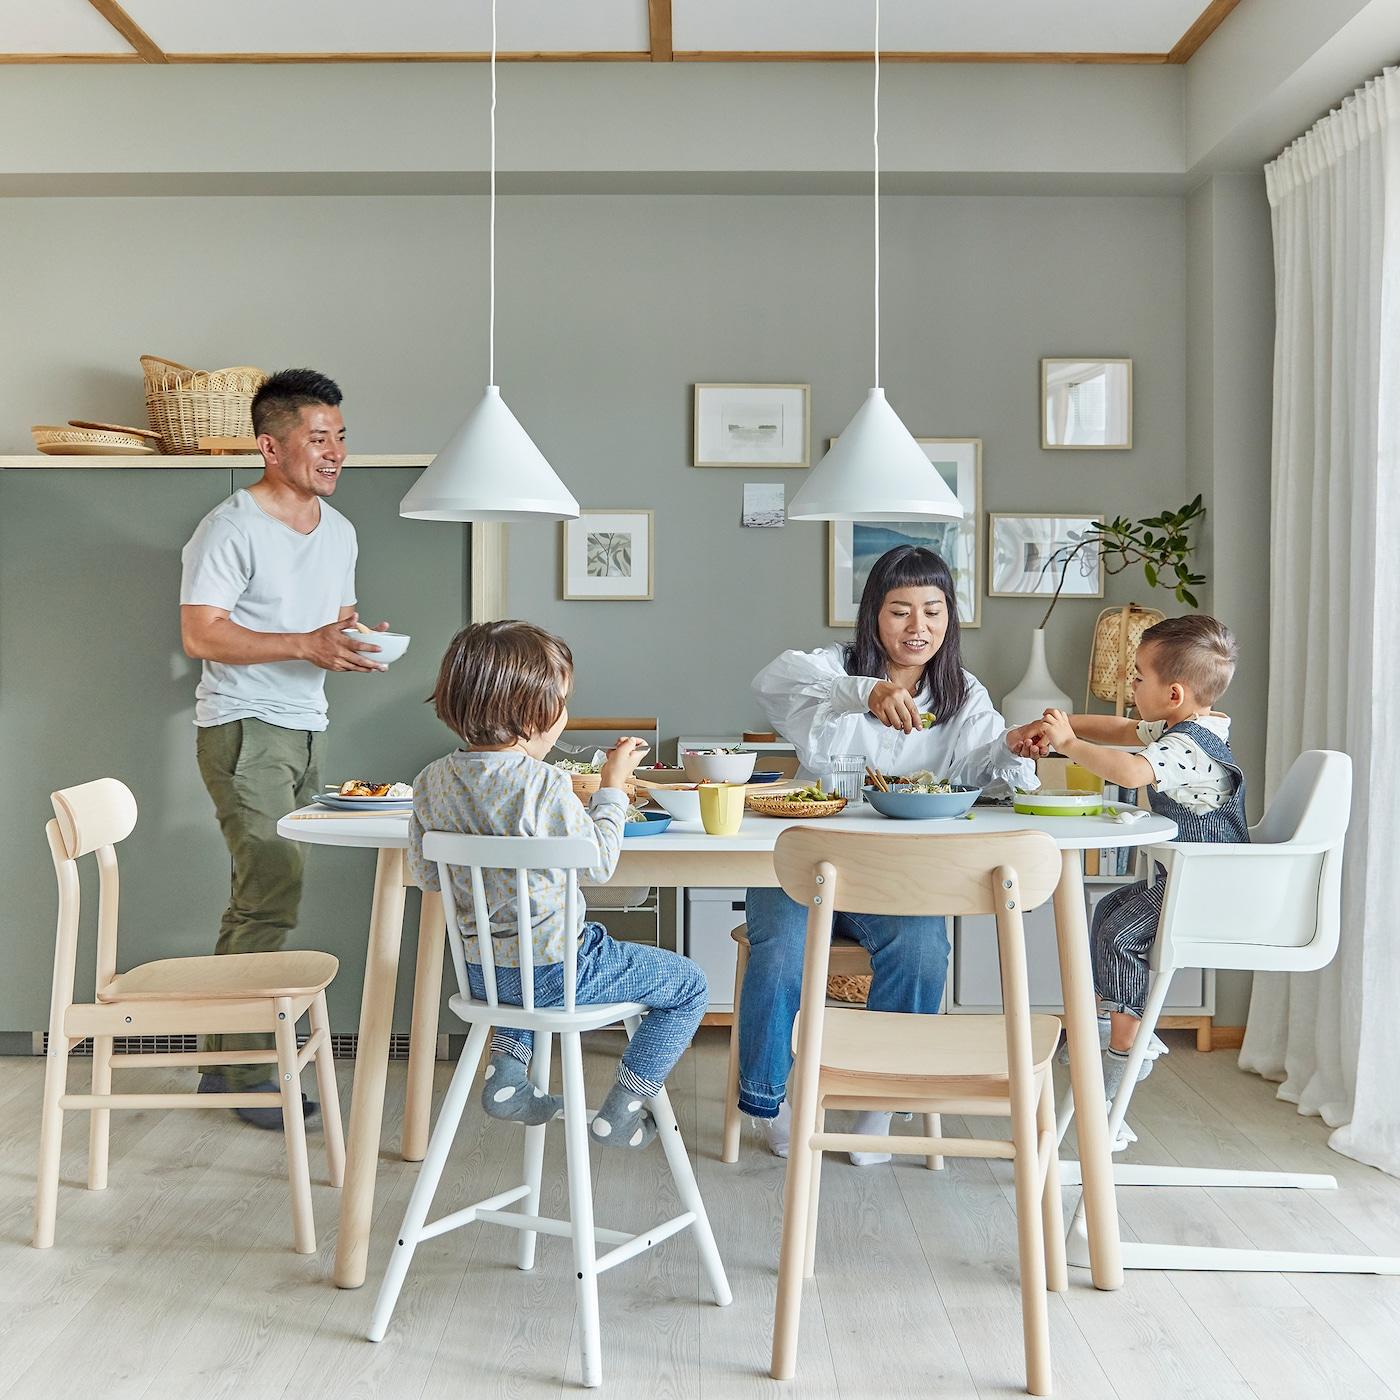 Sebuah keluarga di ruang makan. Si ibu dan dua anak sedang duduk di meja makan dan si bapa sedang membawa mangkuk ke meja makan.